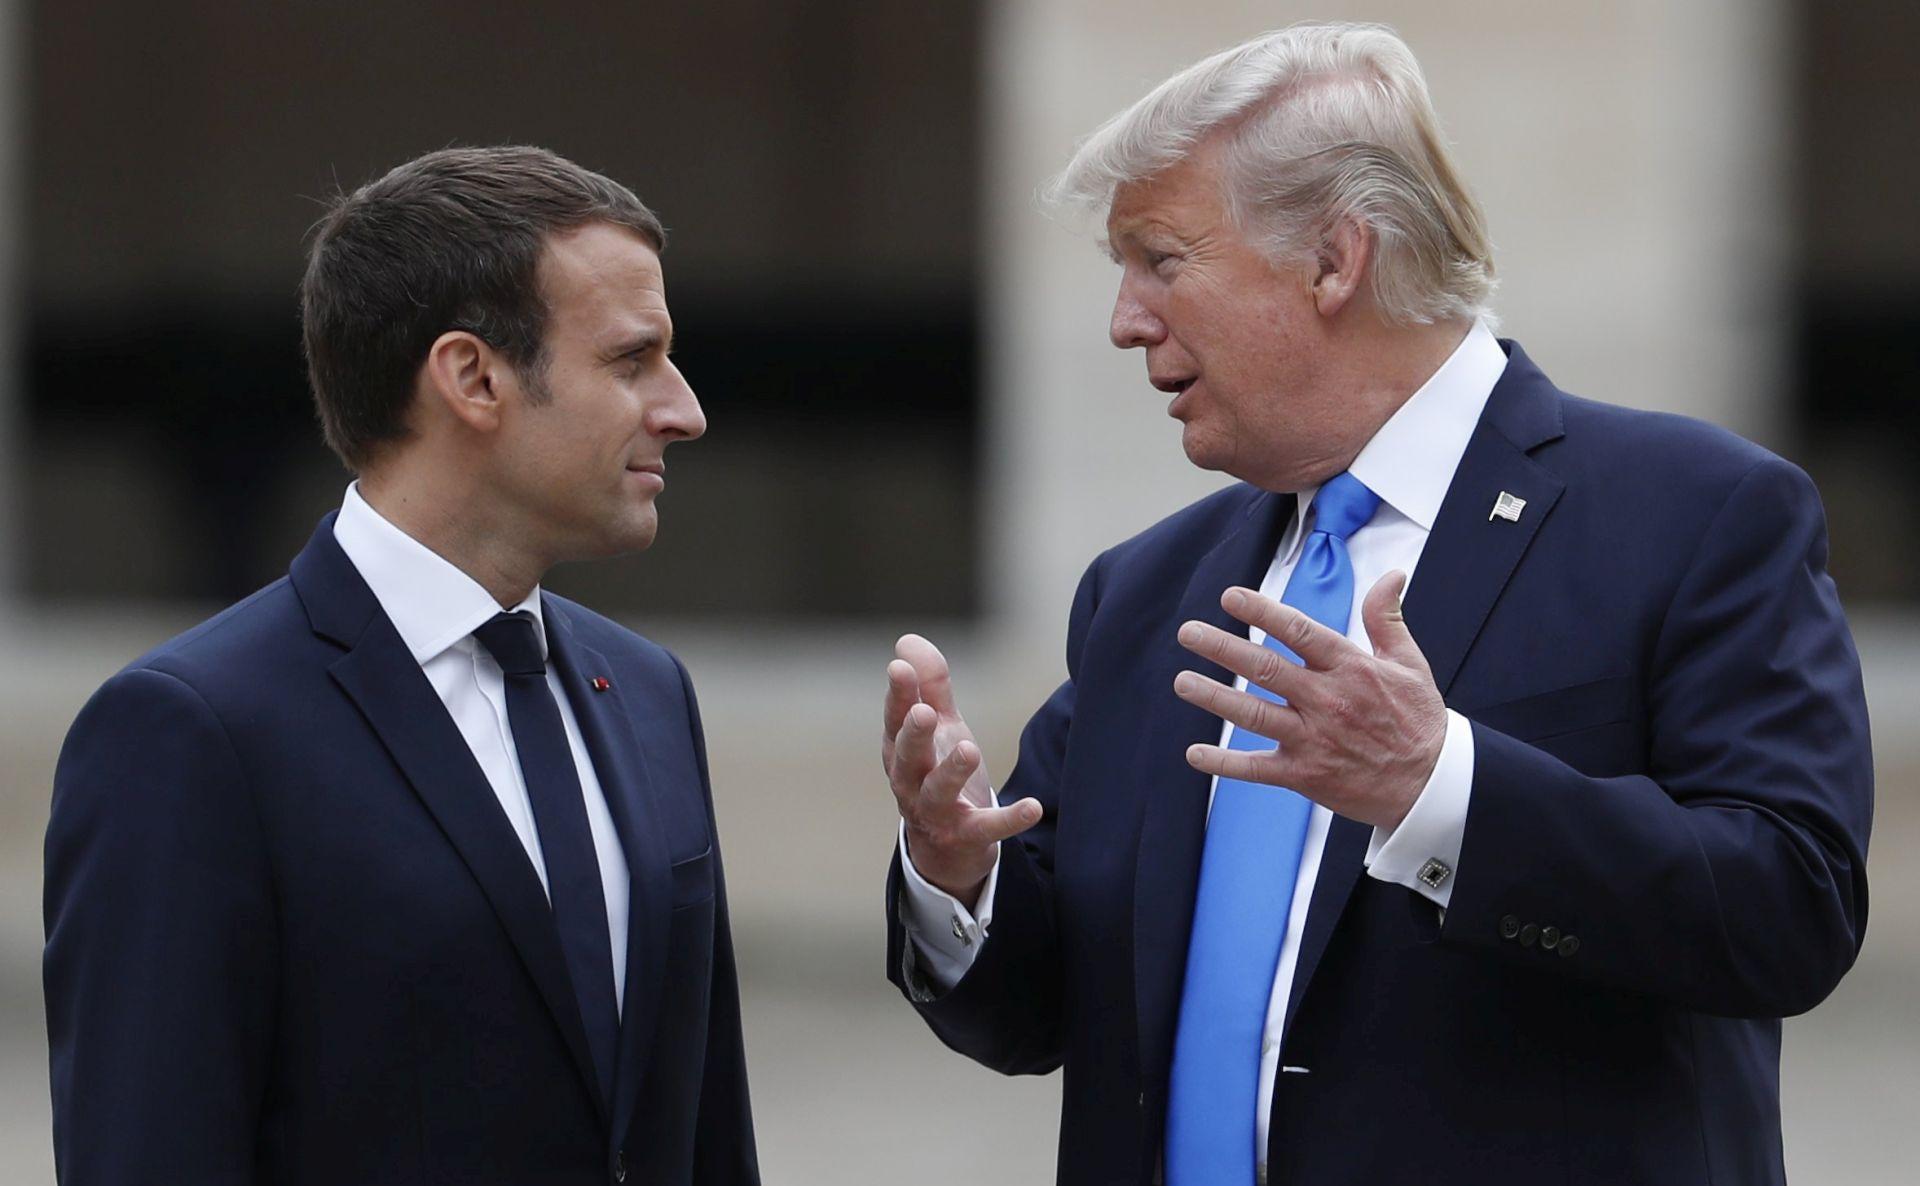 Iran i trgovina u fokusu Macronova posjeta Trumpu